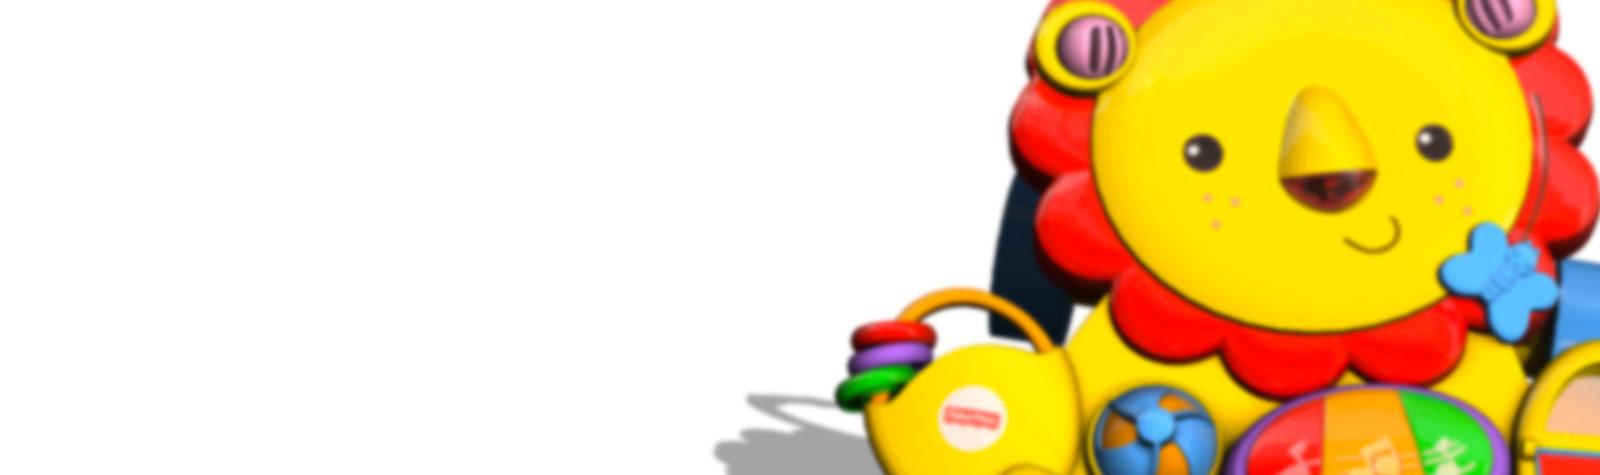 header_toys